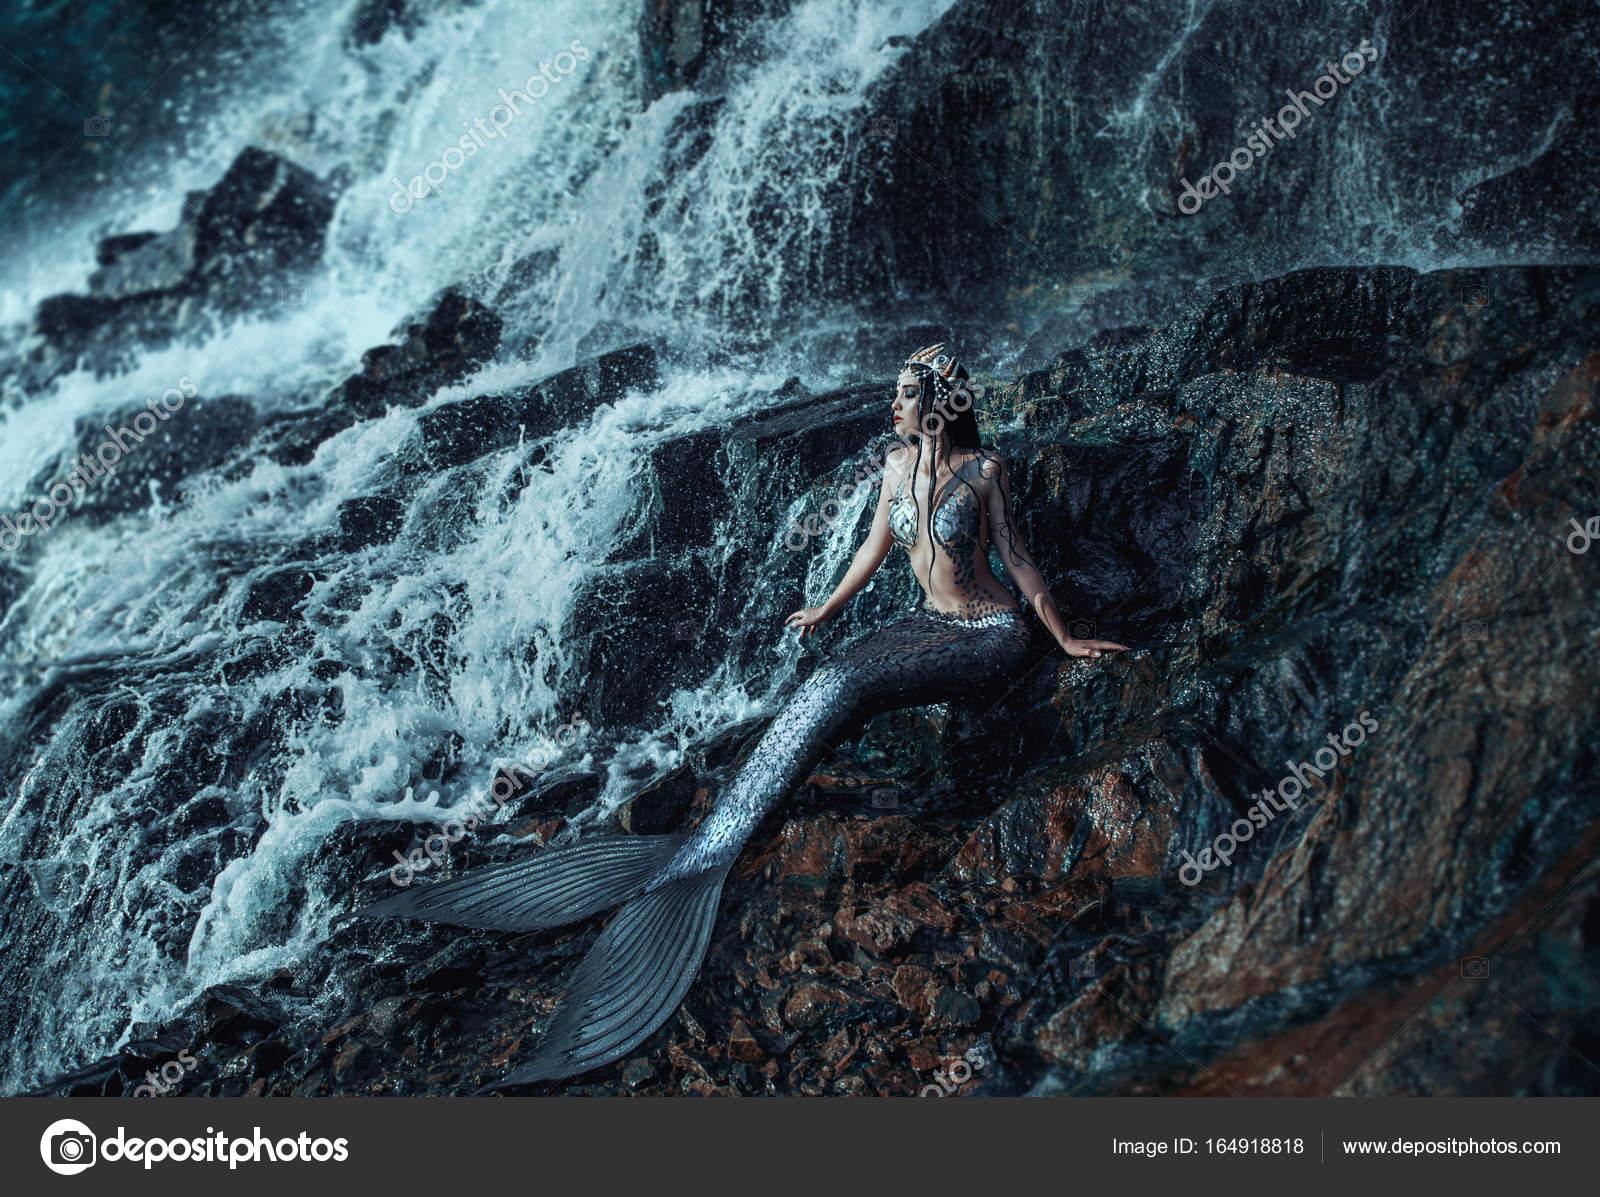 La vera sirena foto stock 164918818 - Immagini della vera sirena ...